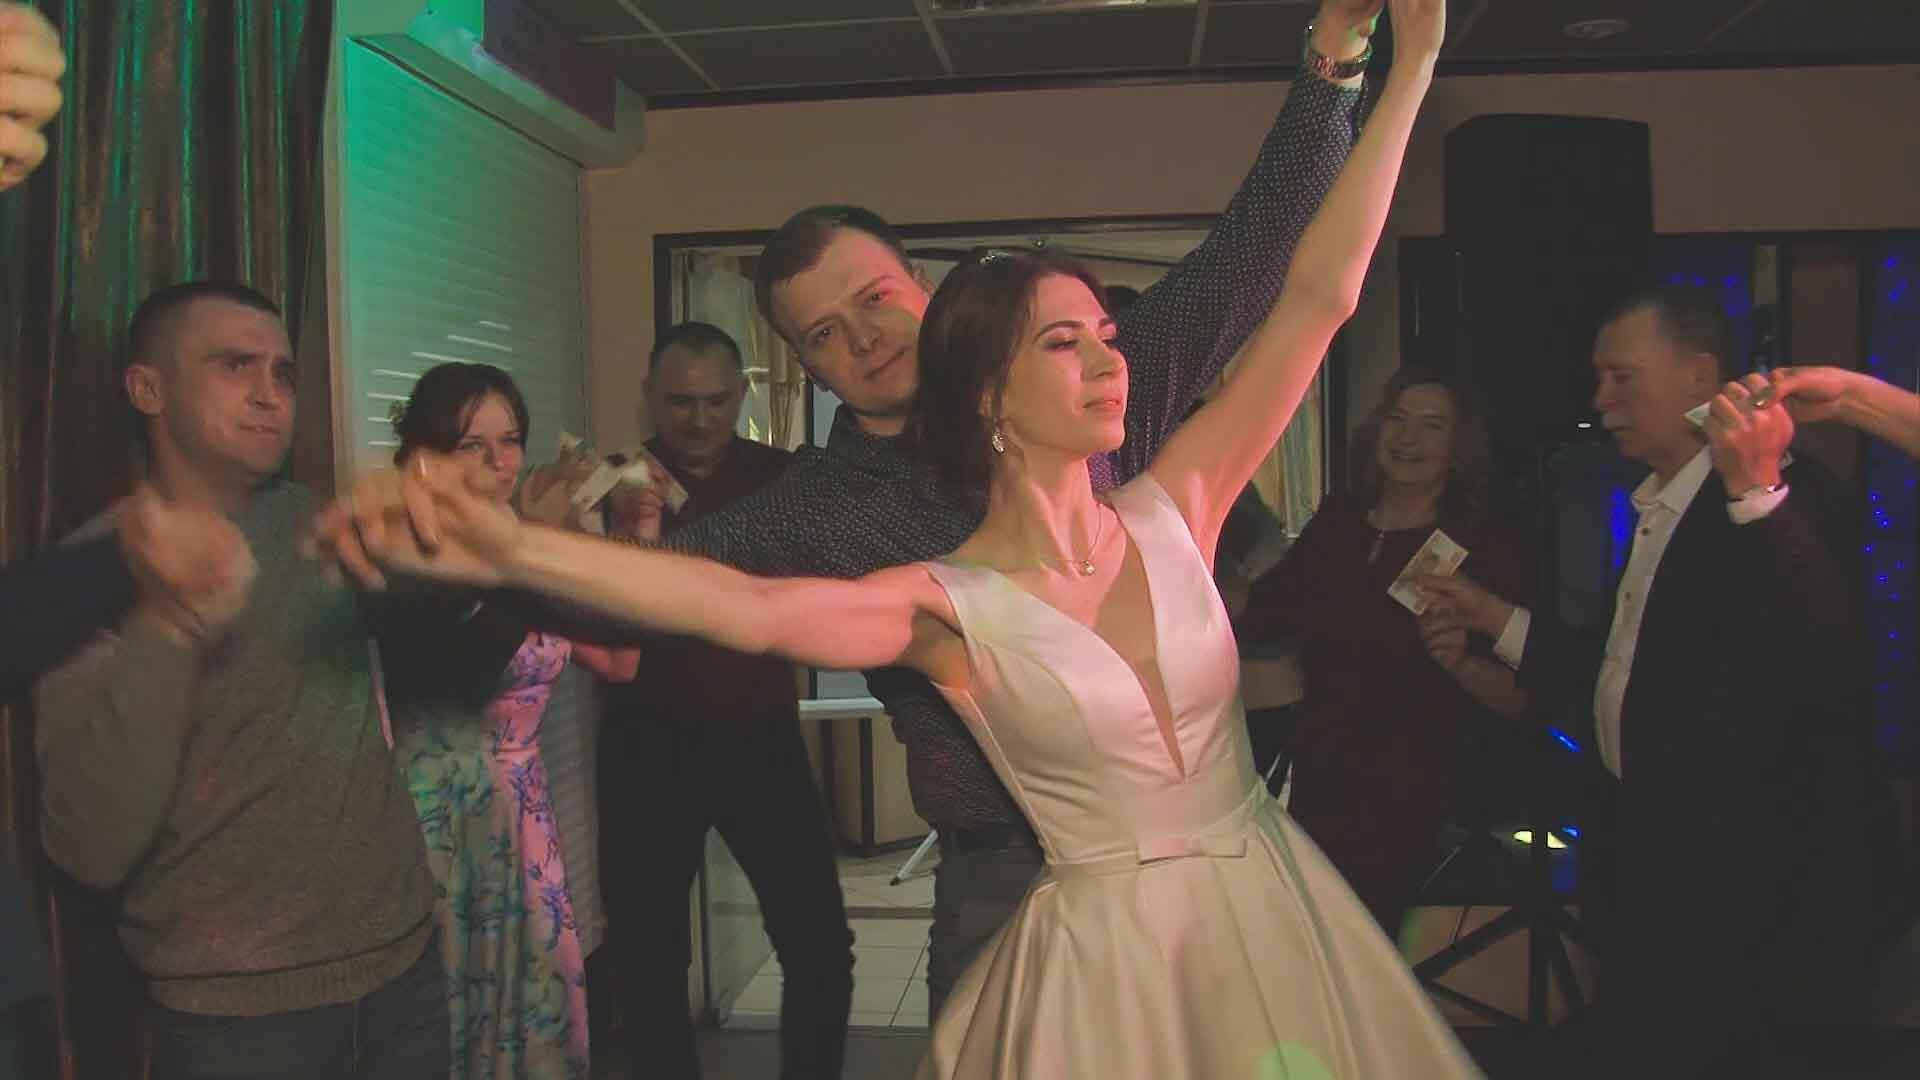 видеосъемка свадьбы, видеограф на свадьбу, видеооператор на свадьбу